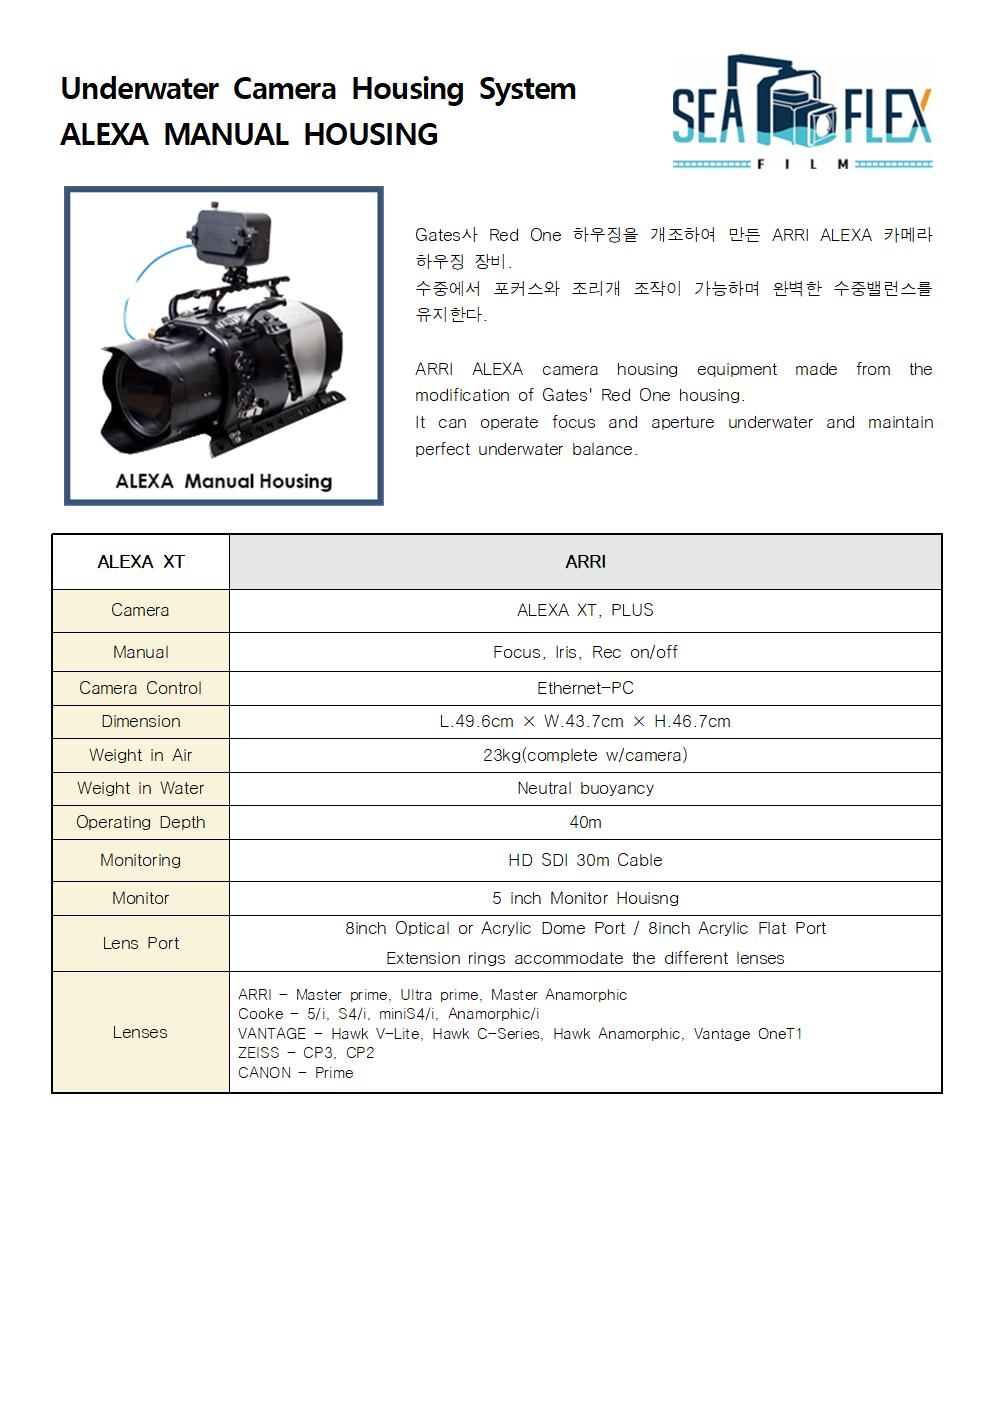 seaflex manual cam_ALEXA.png